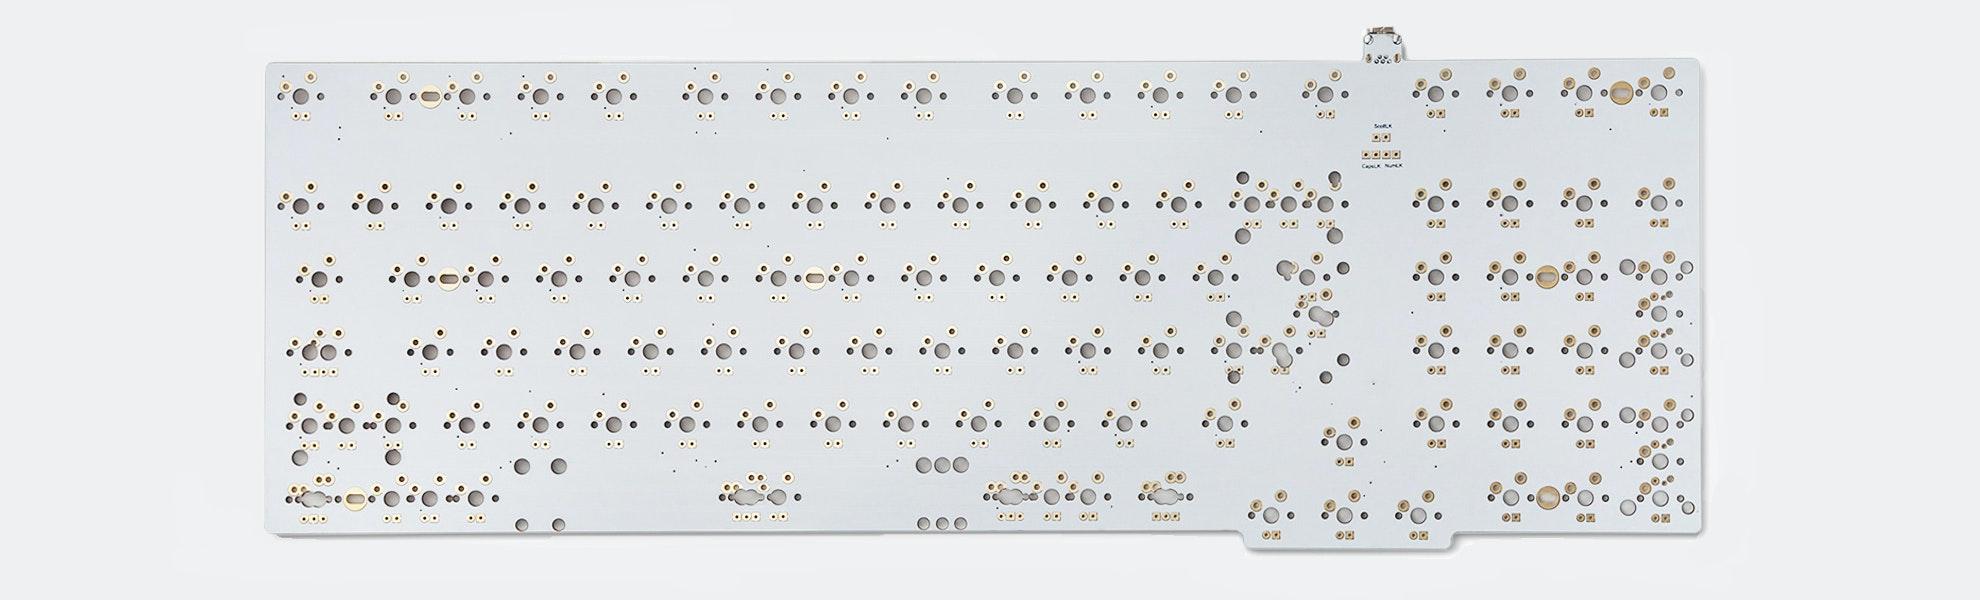 KBDfans KBD19X 980 PCB